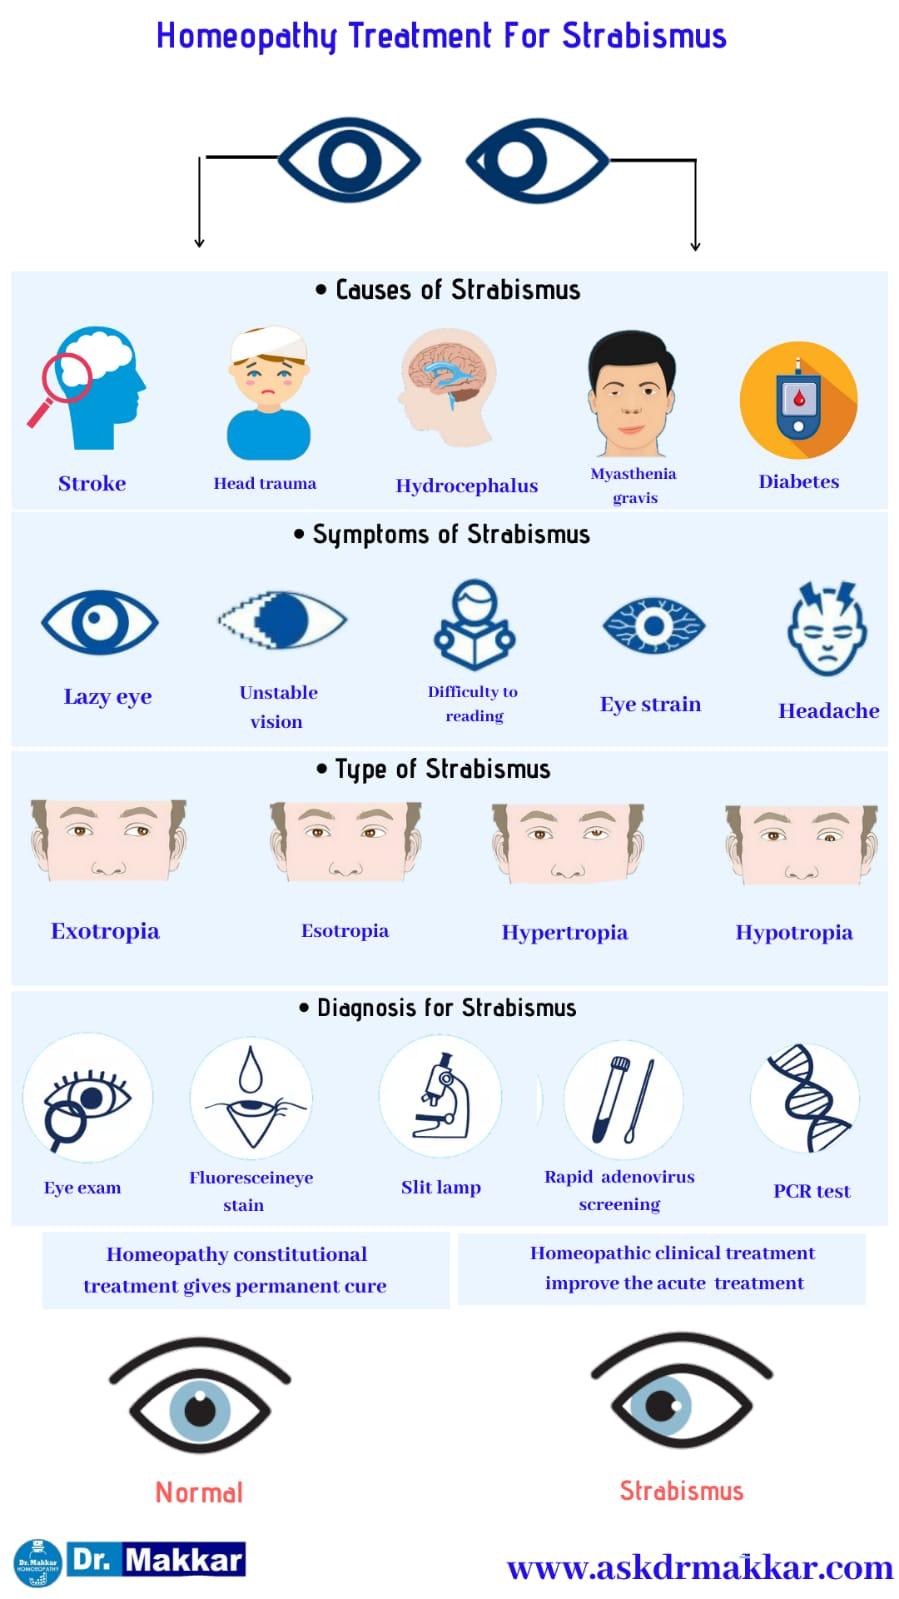 Best Homeopathic Treatment approach to Strabismus Crossed Eye || भेंगापन तिर्यकदृष्टि स्ट्राबिस्मस का होम्योपैथिक दवा से इलाज होम्योपैथिक ट्रीटमेंट